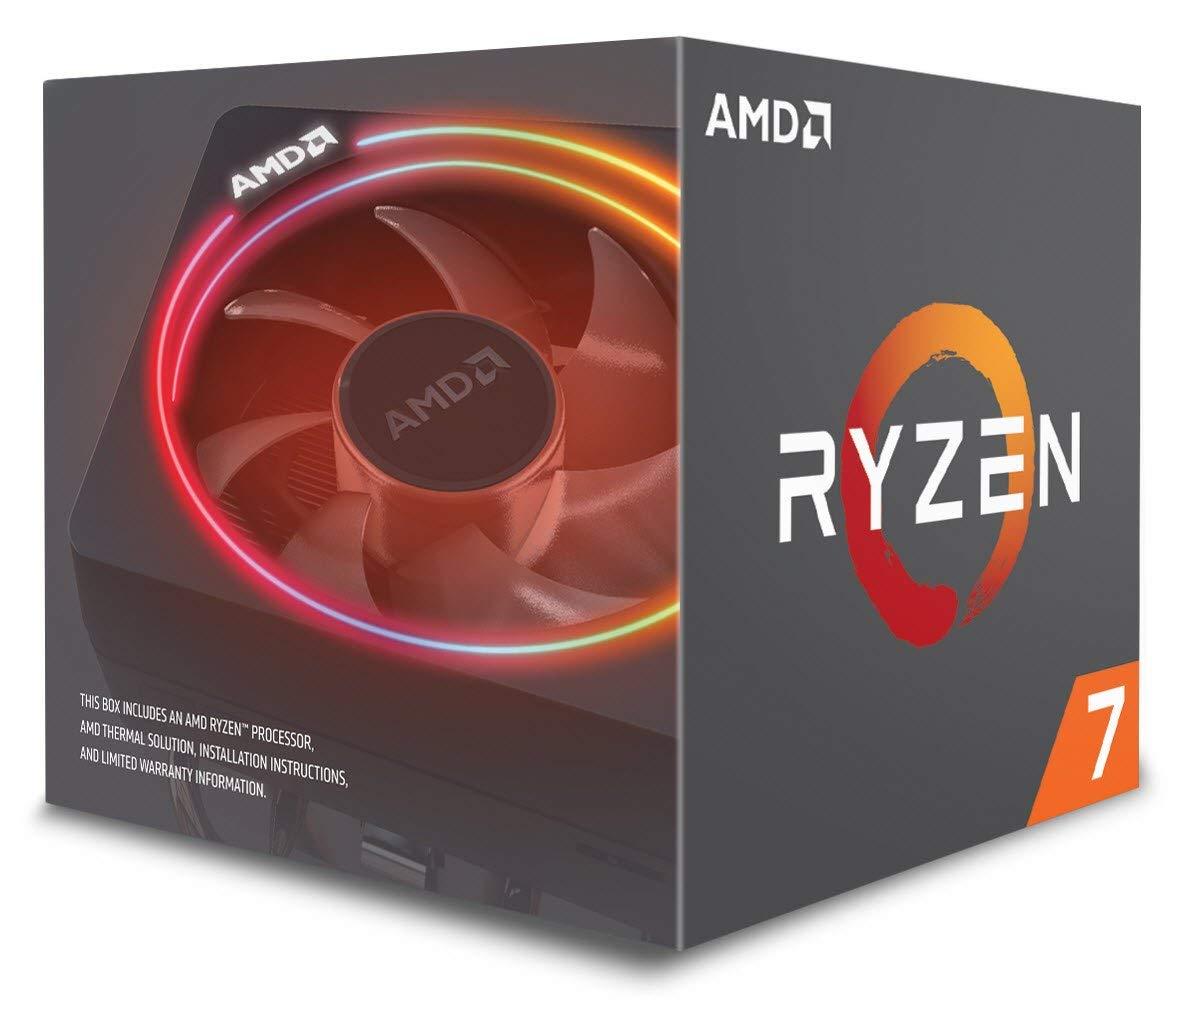 AMD Ryzen 7 2700X mit Wraith Prism Kühler - 8x 3,7 bis 4,3 GHz (16 Threads) für 282,67€ (Amazon.it)